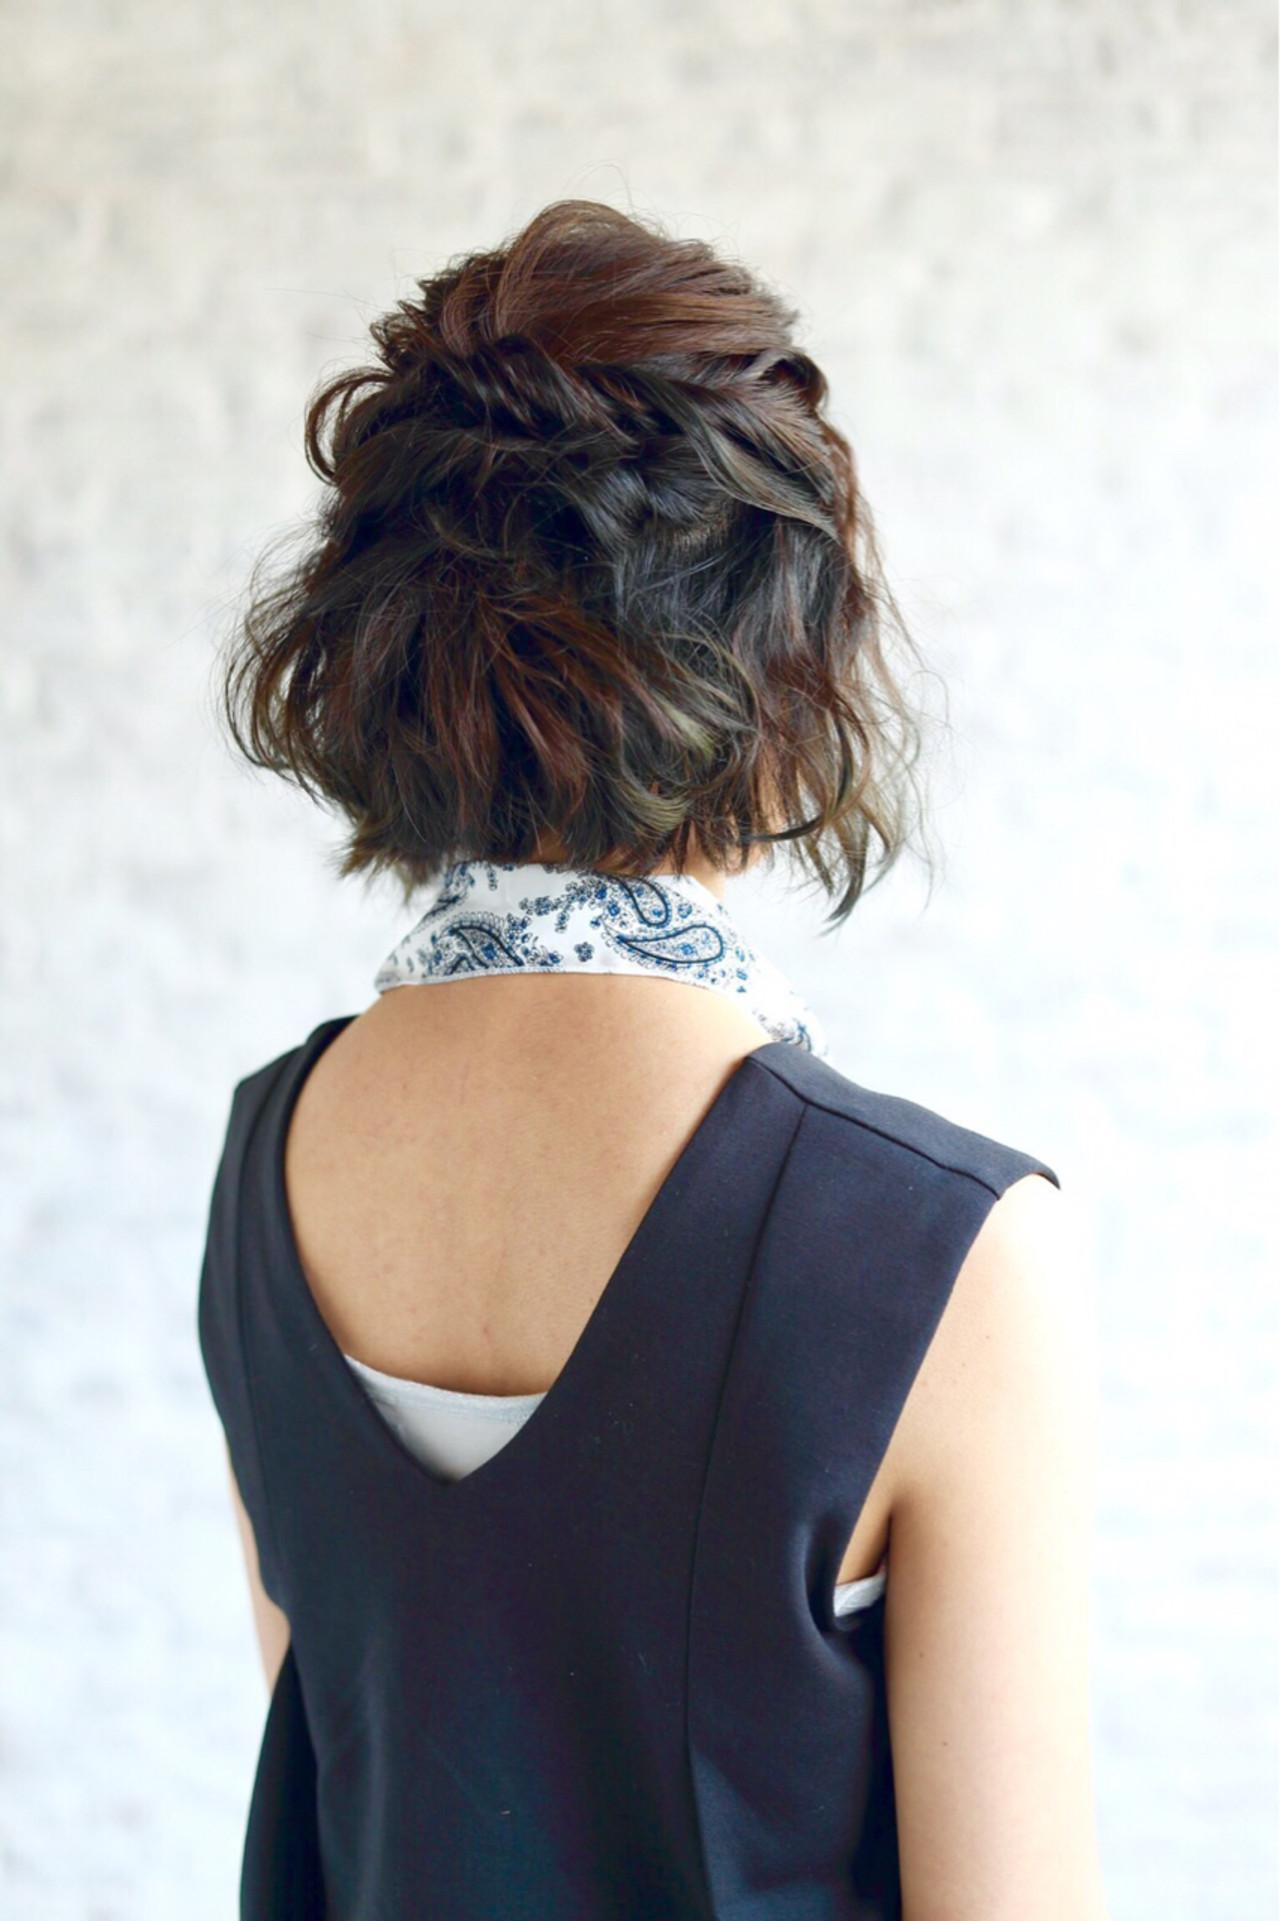 ハーフアップ ヘアアレンジ 簡単ヘアアレンジ 暗髪 ヘアスタイルや髪型の写真・画像 | 細谷真衣子 / SUGIMOTO河辺店